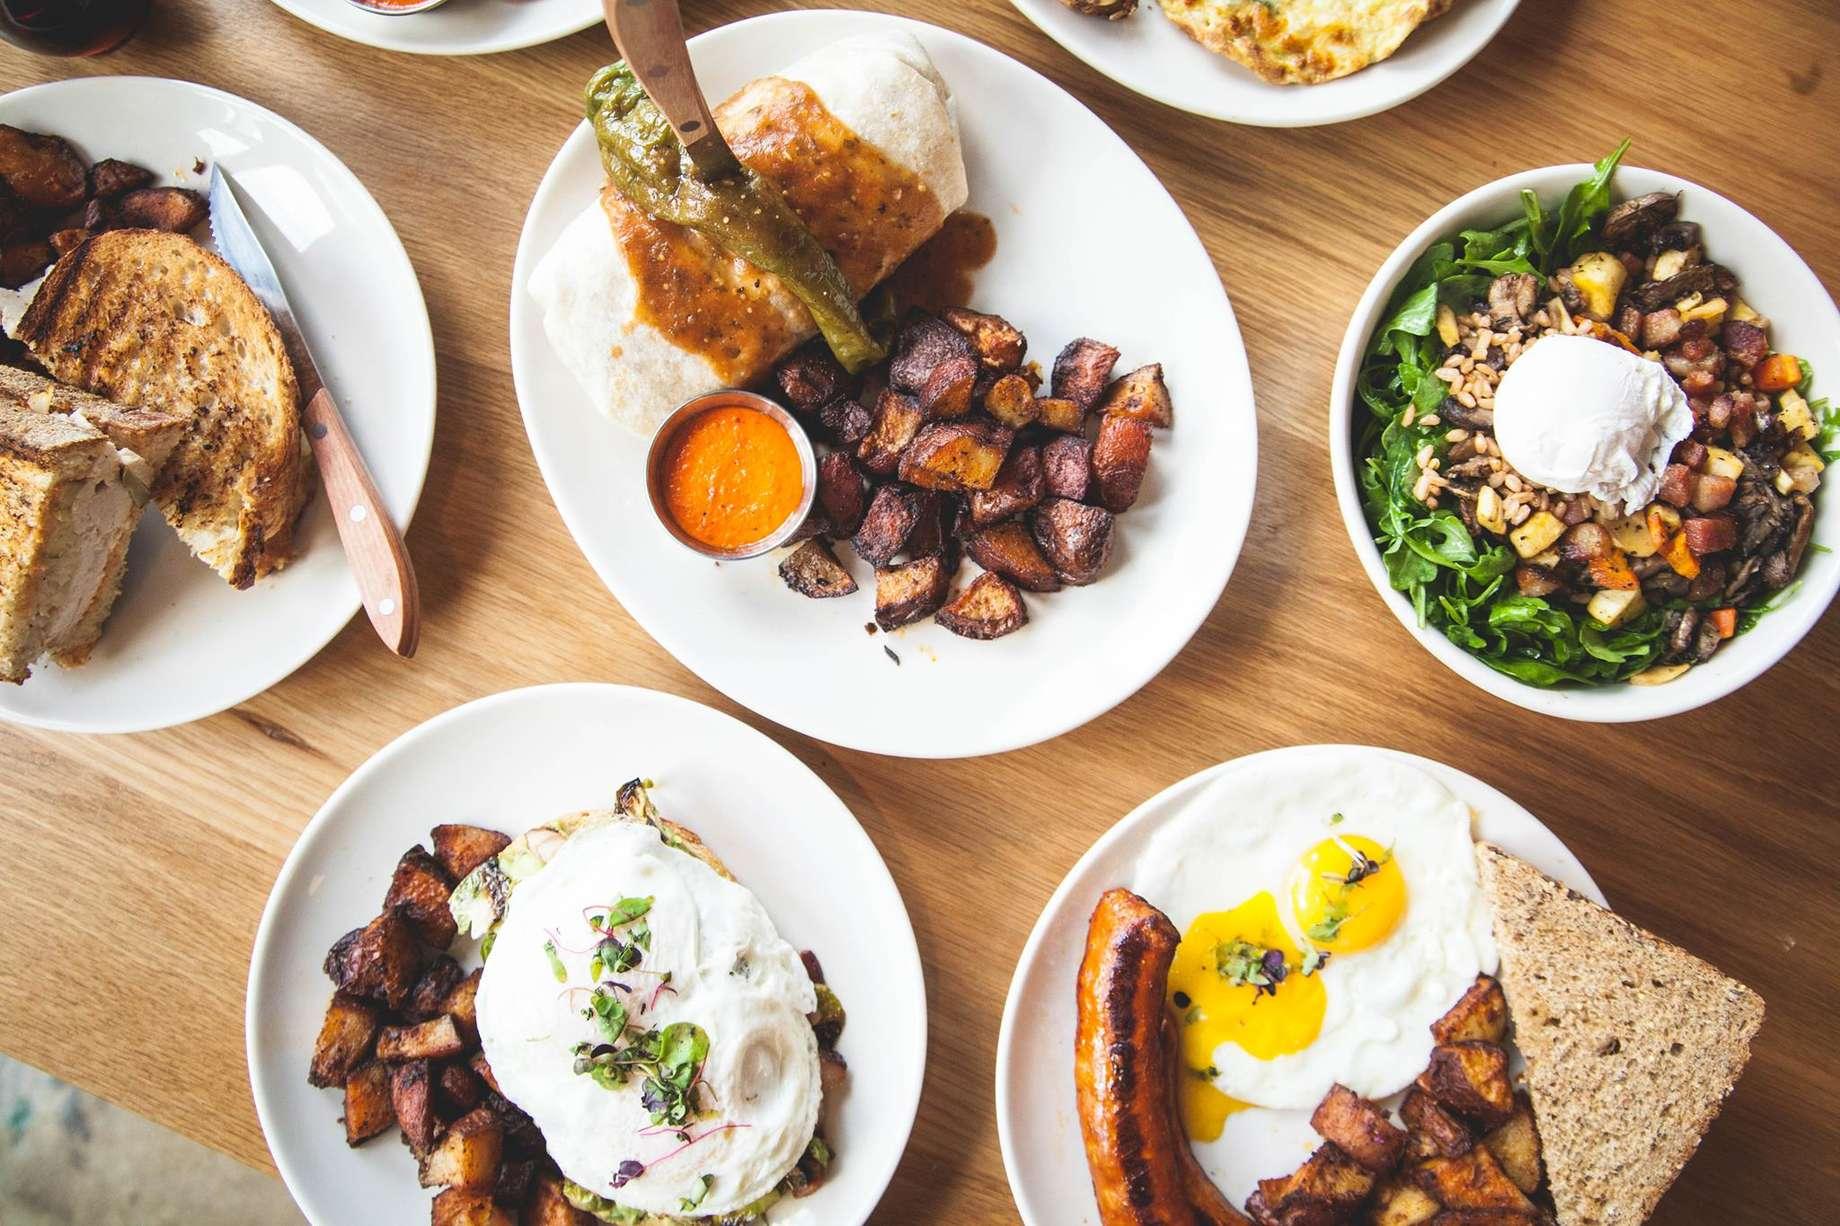 Baden Baden Cuisine Prix best brunch in philadelphia: good brunch spots in every